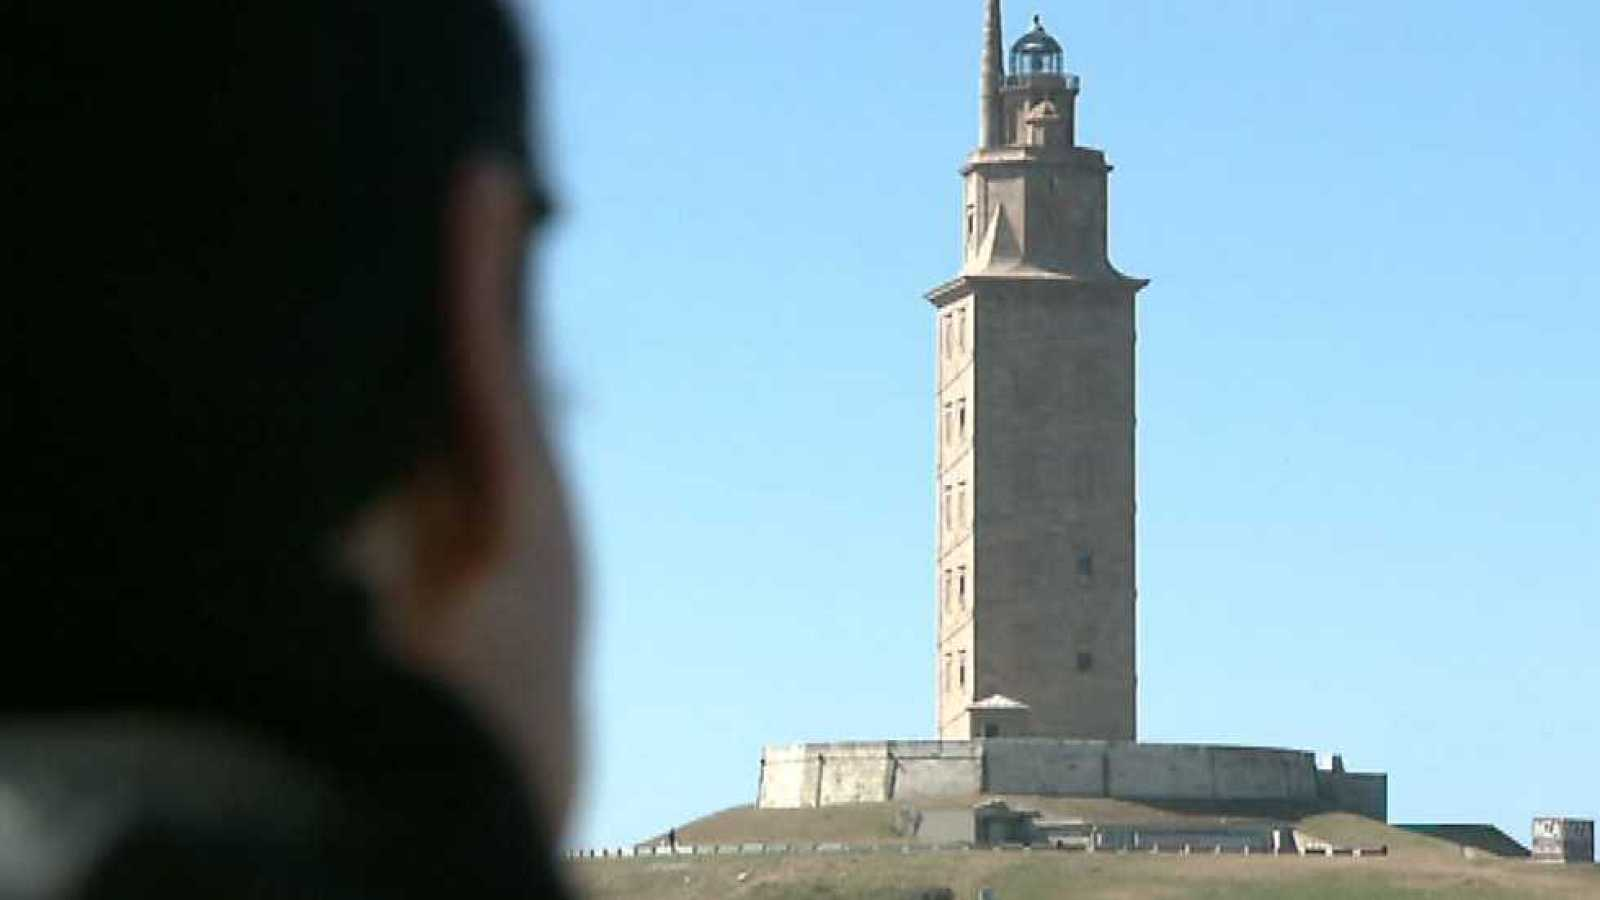 La mitad invisible - La Torre de Hércules - Ver ahora